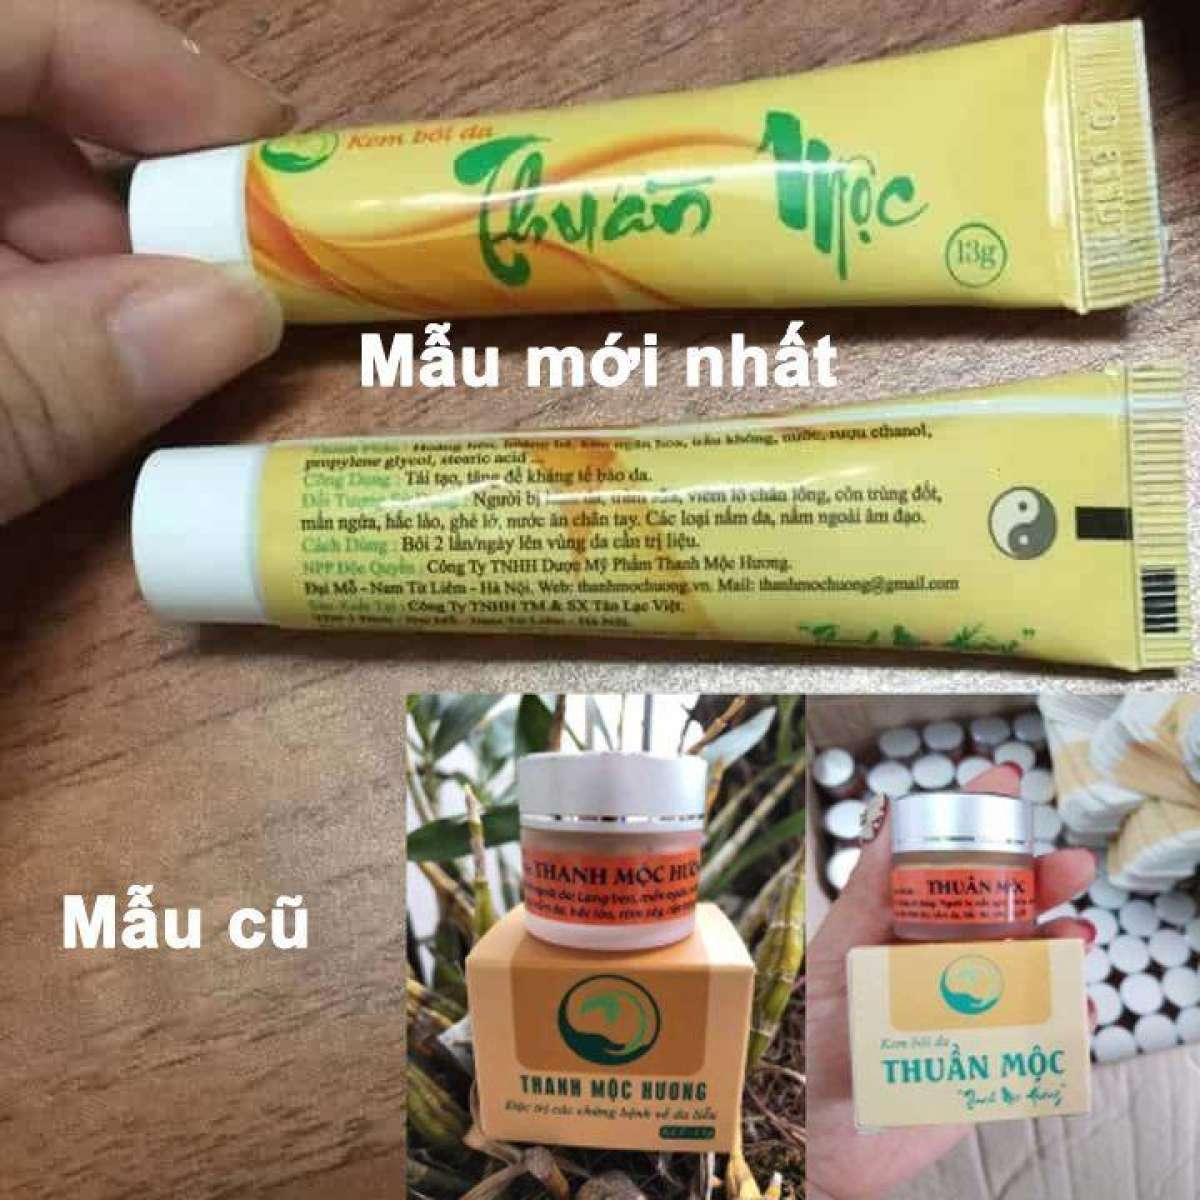 CÔM BO 2 HỘP Thanh Mộc Hương hỗ trợ điều trị bệnh da liễu, hắc lào, lang ben, nấm, nước ăn chân tay, chàm nhập khẩu